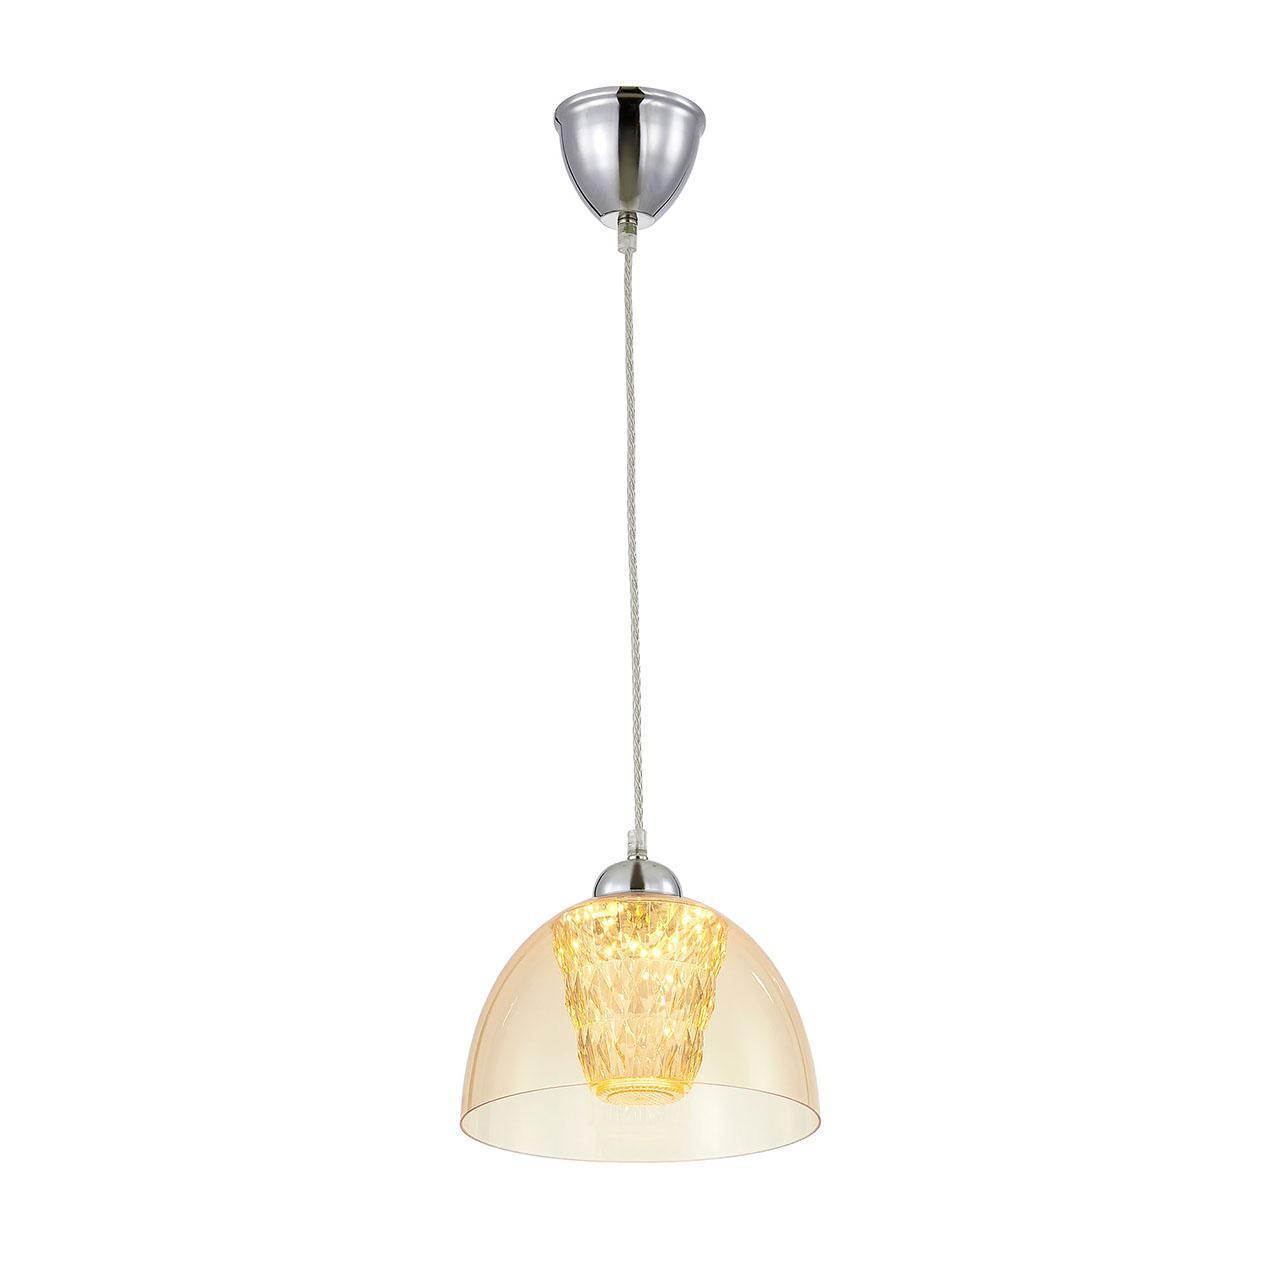 Подвесной светодиодный светильник Citilux Топаз CL717112 citilux подвесной светильник citilux топаз cl717111